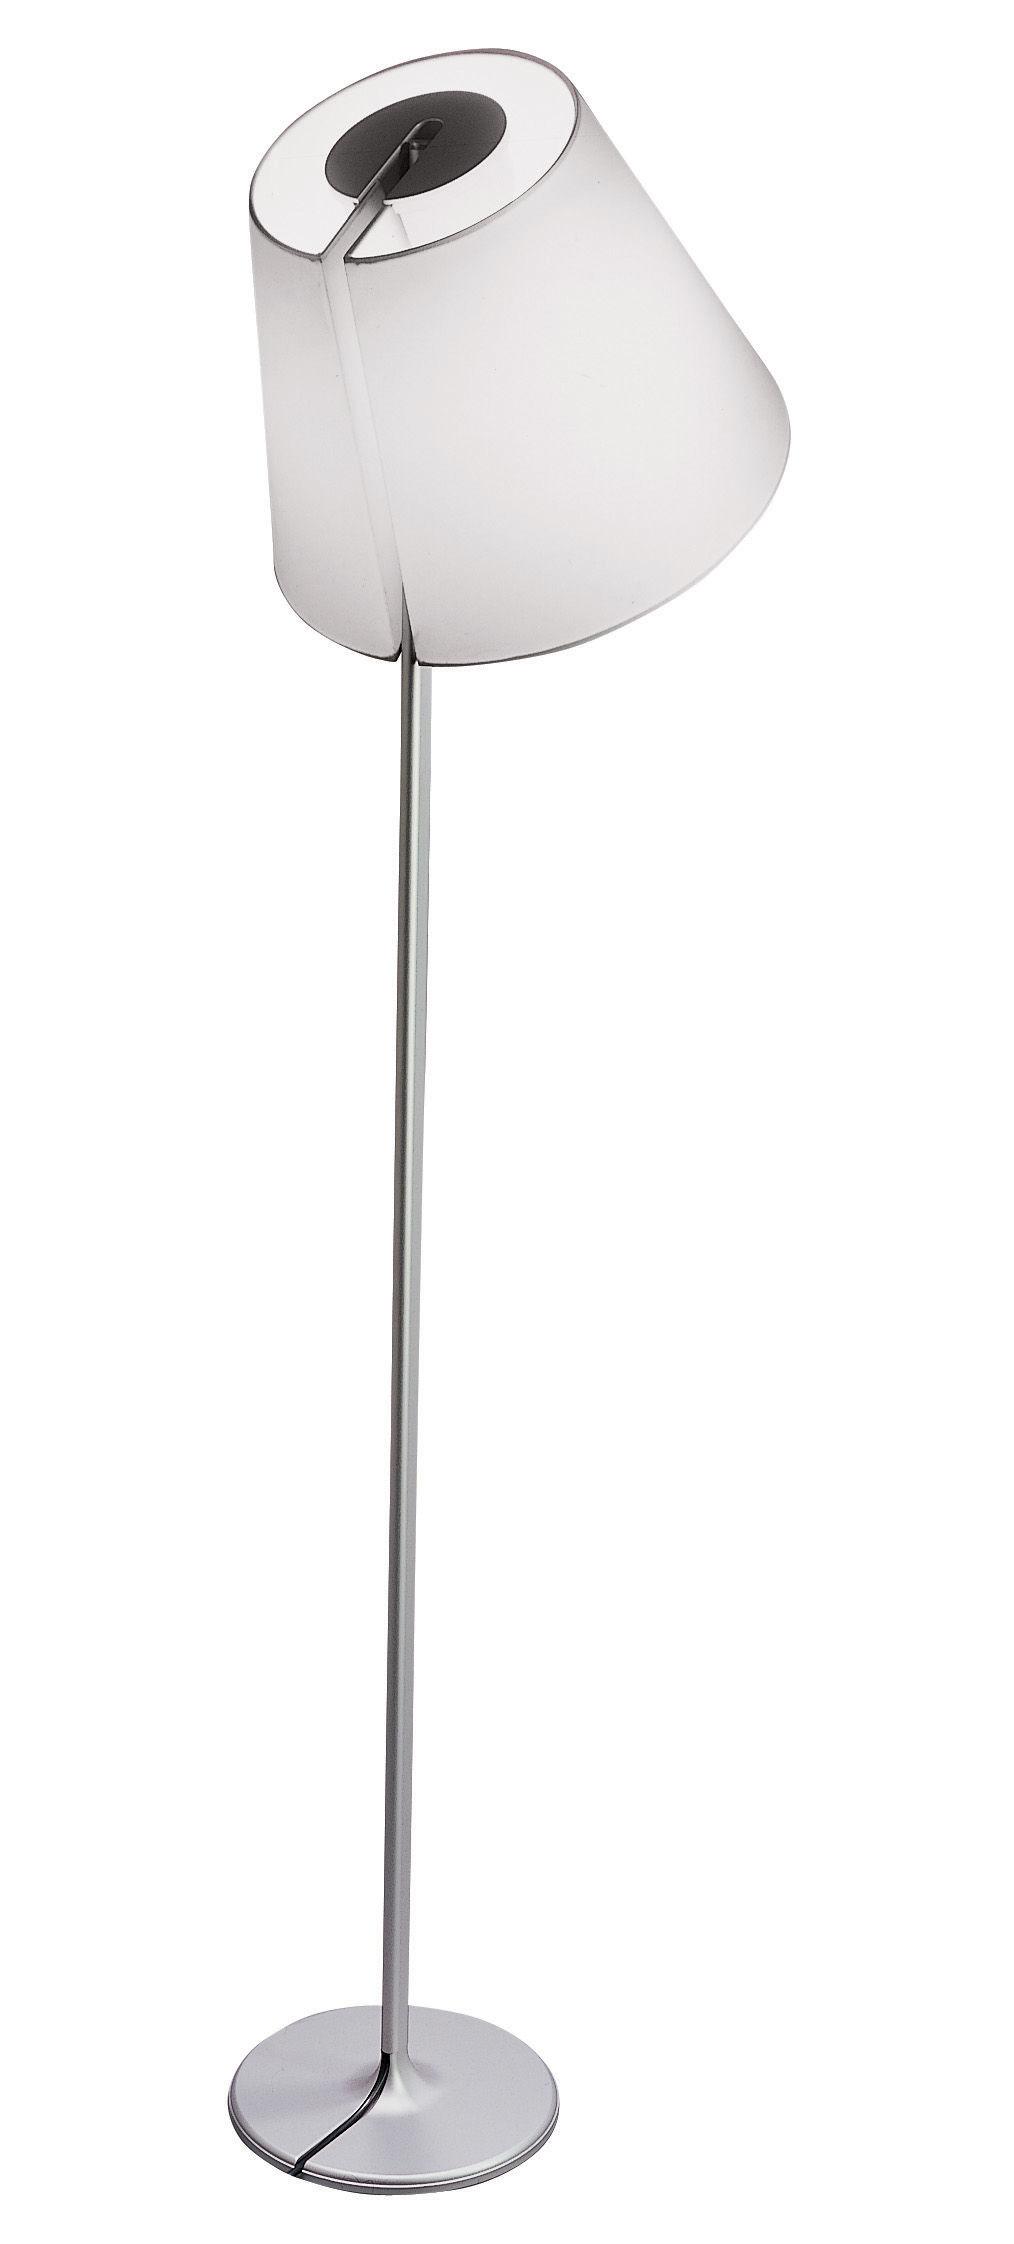 Luminaire - Lampadaires - Lampadaire Melampo Terra / H 163 cm - Artemide - Gris aluminium - Aluminium, Tissu